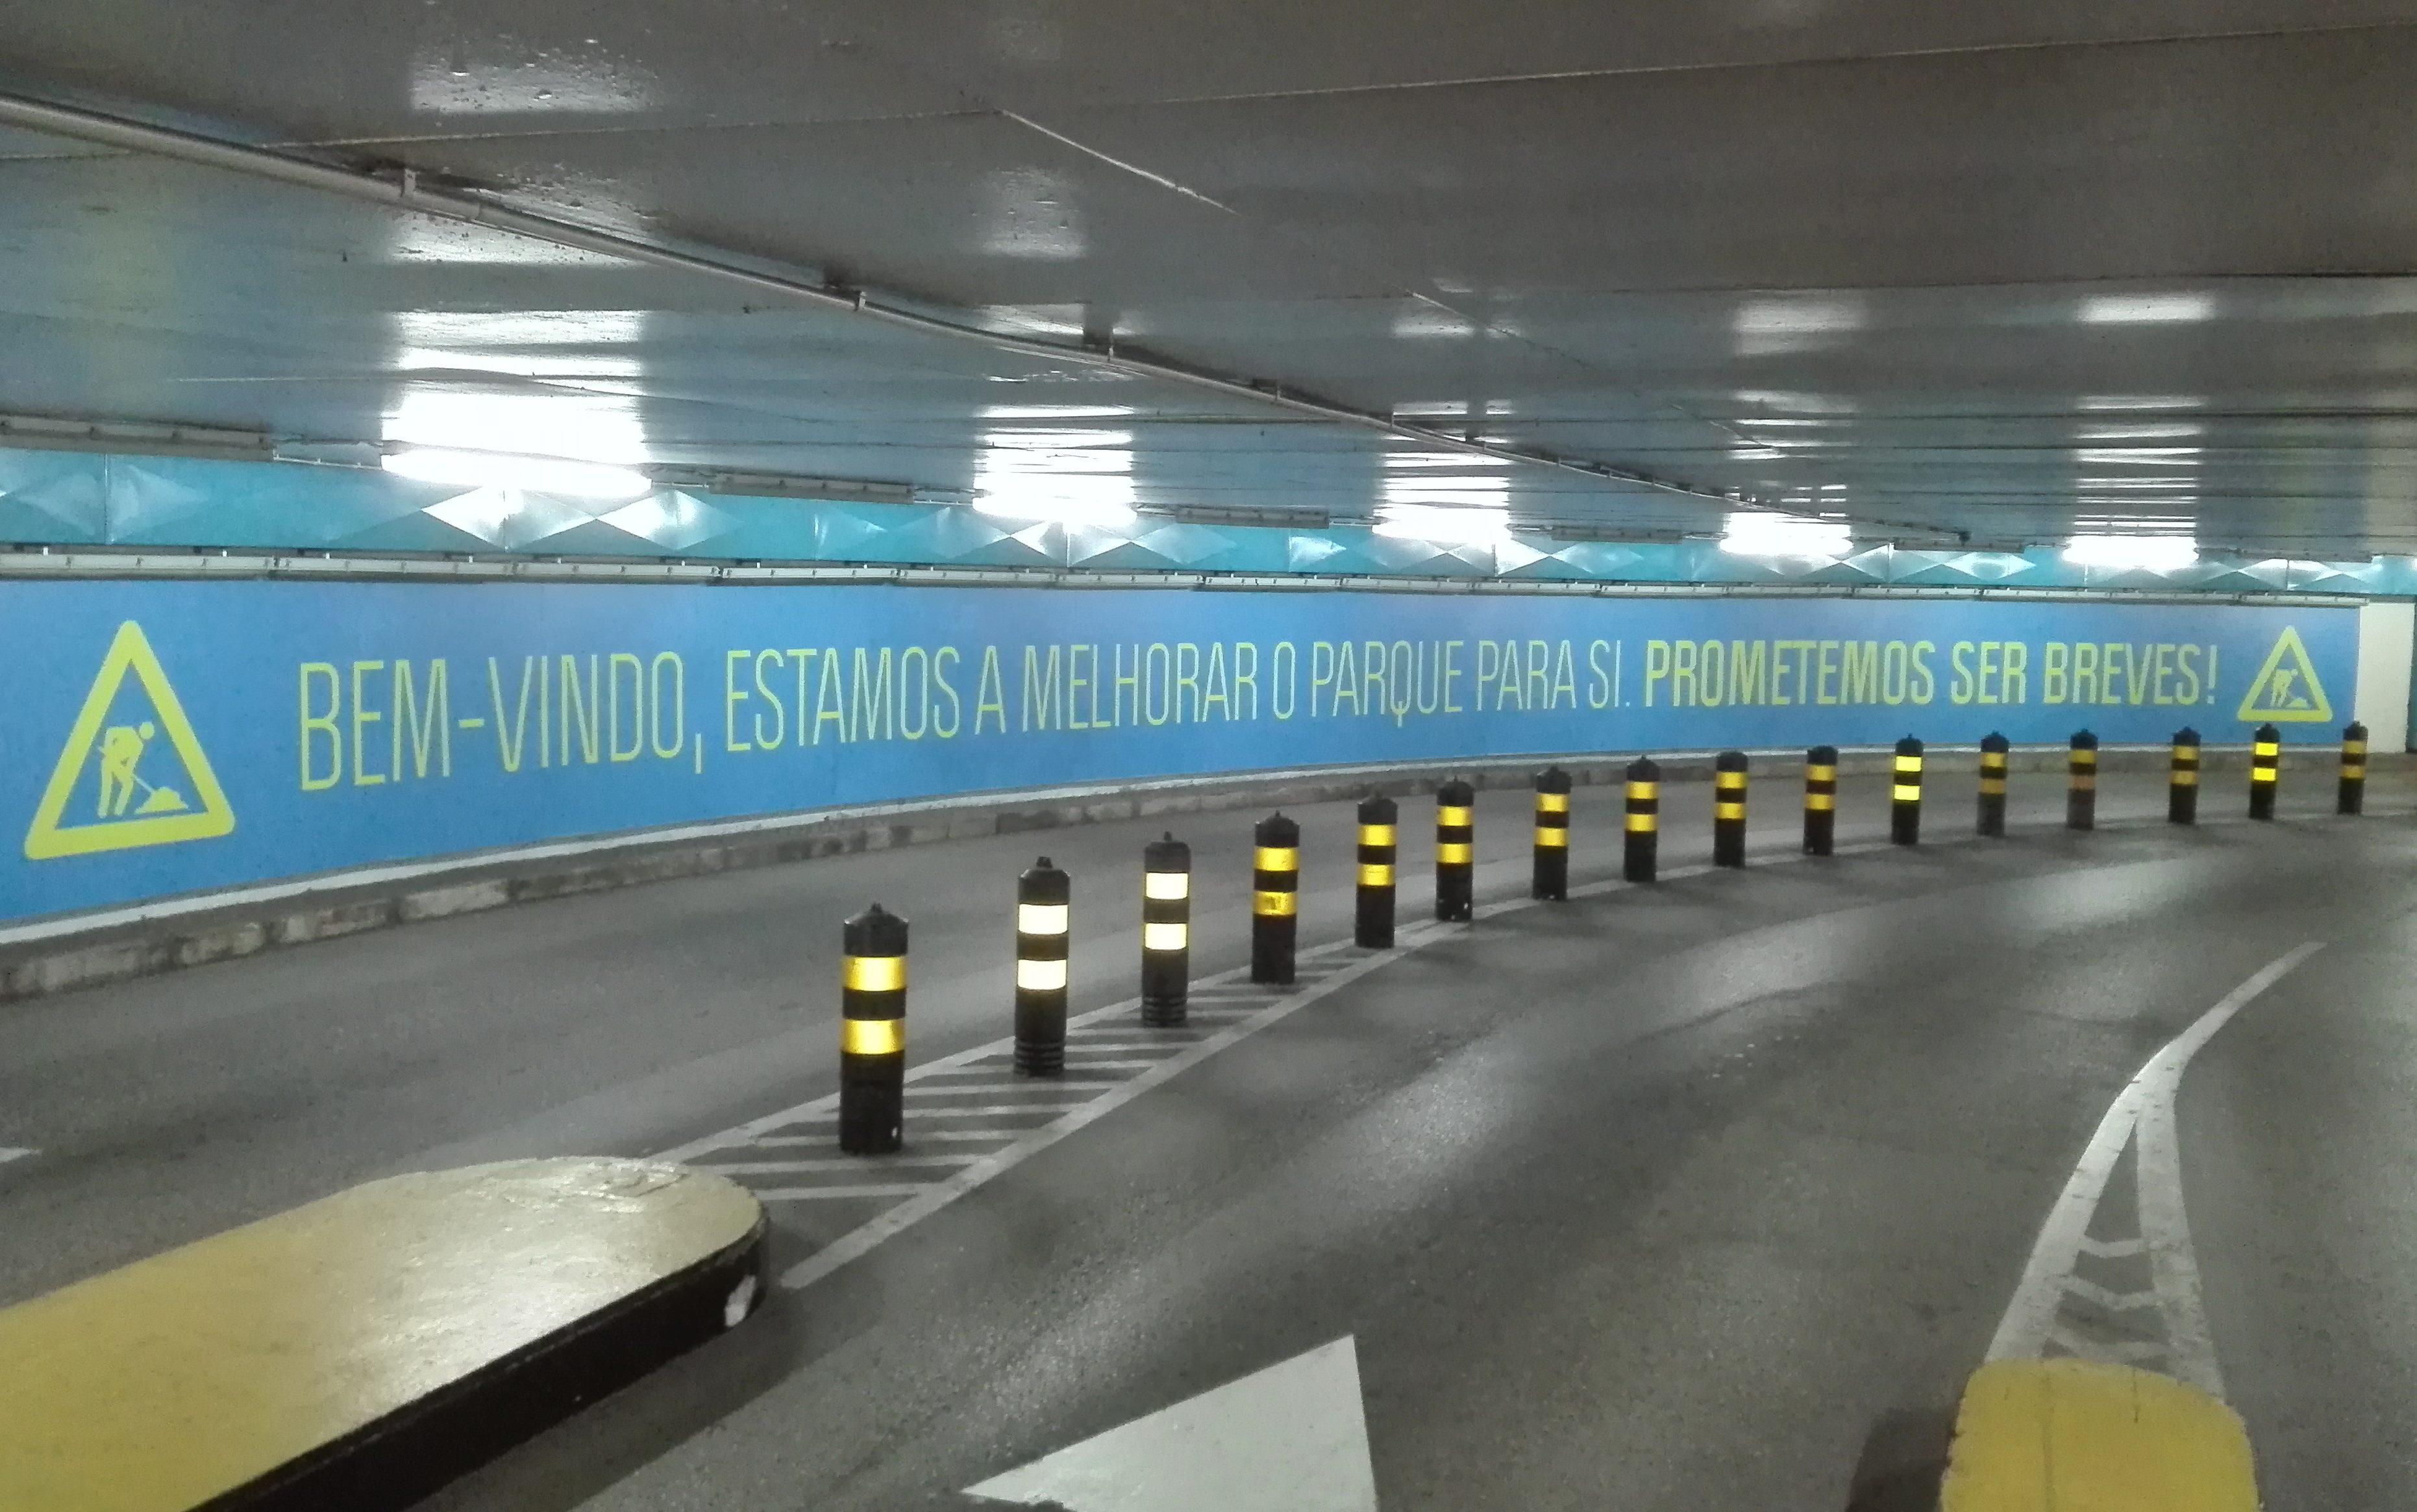 Parque Estacionamento Amoreiras